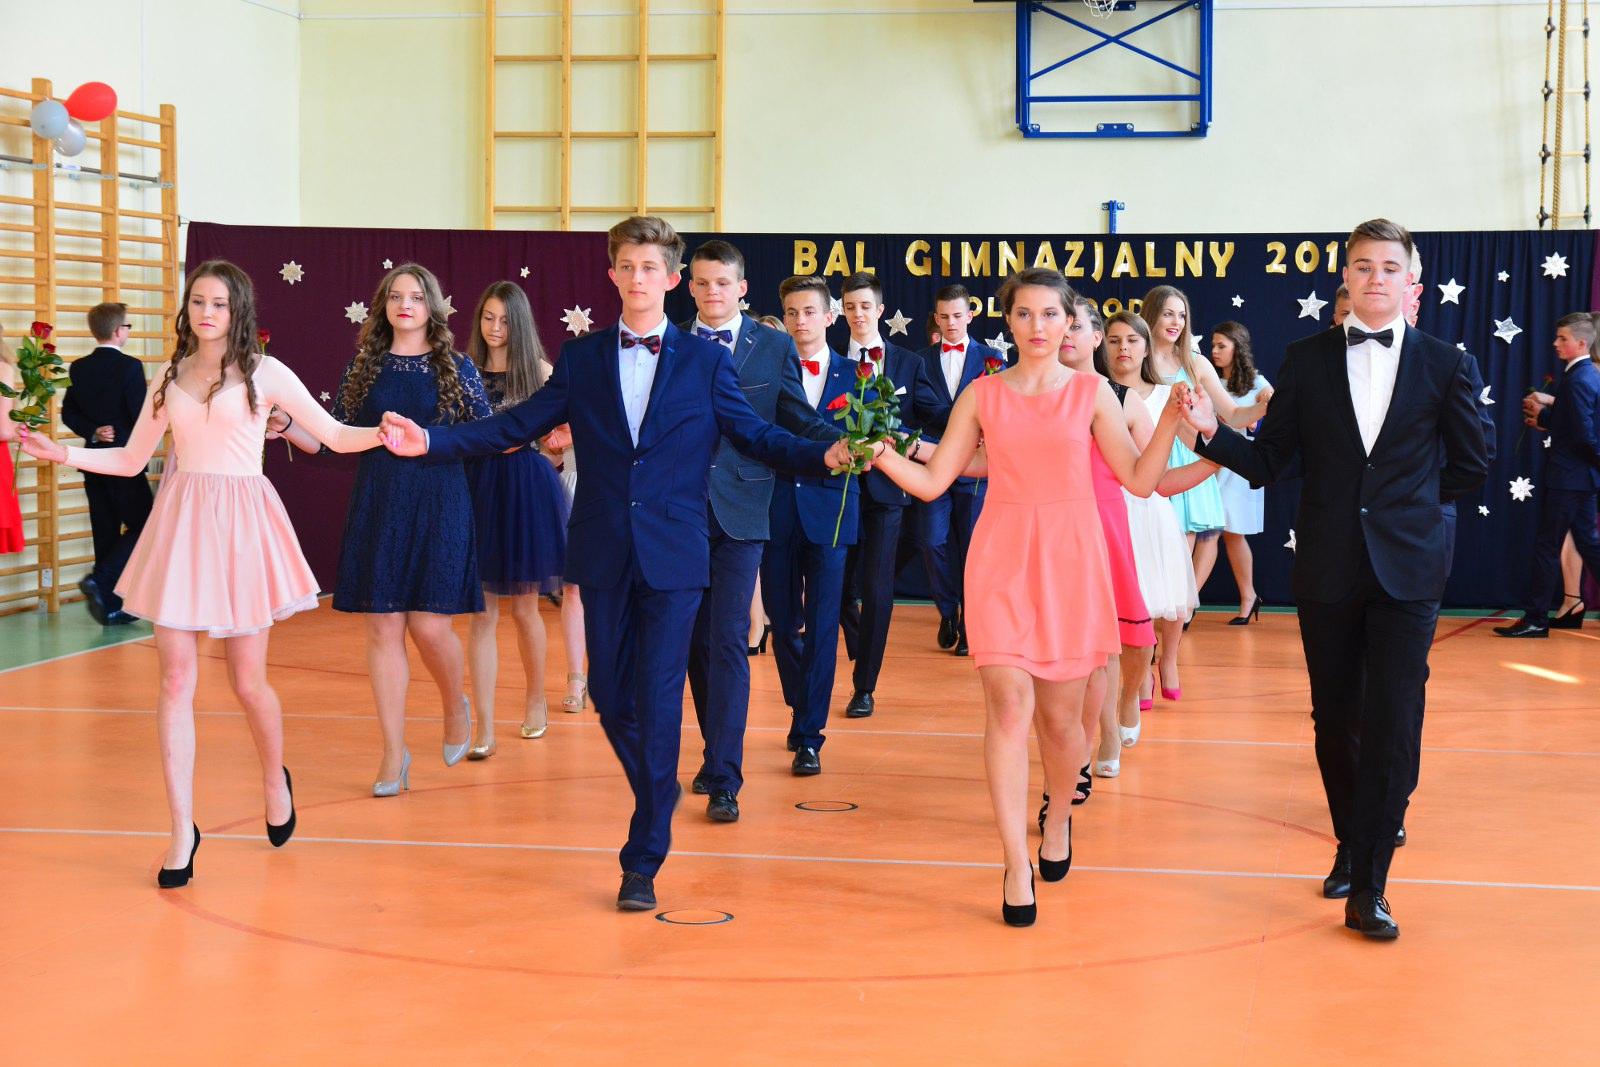 4240c5f92e Bal gimnazjalny 2017 – Publiczna Szkoła Podstawowa w Jedlni